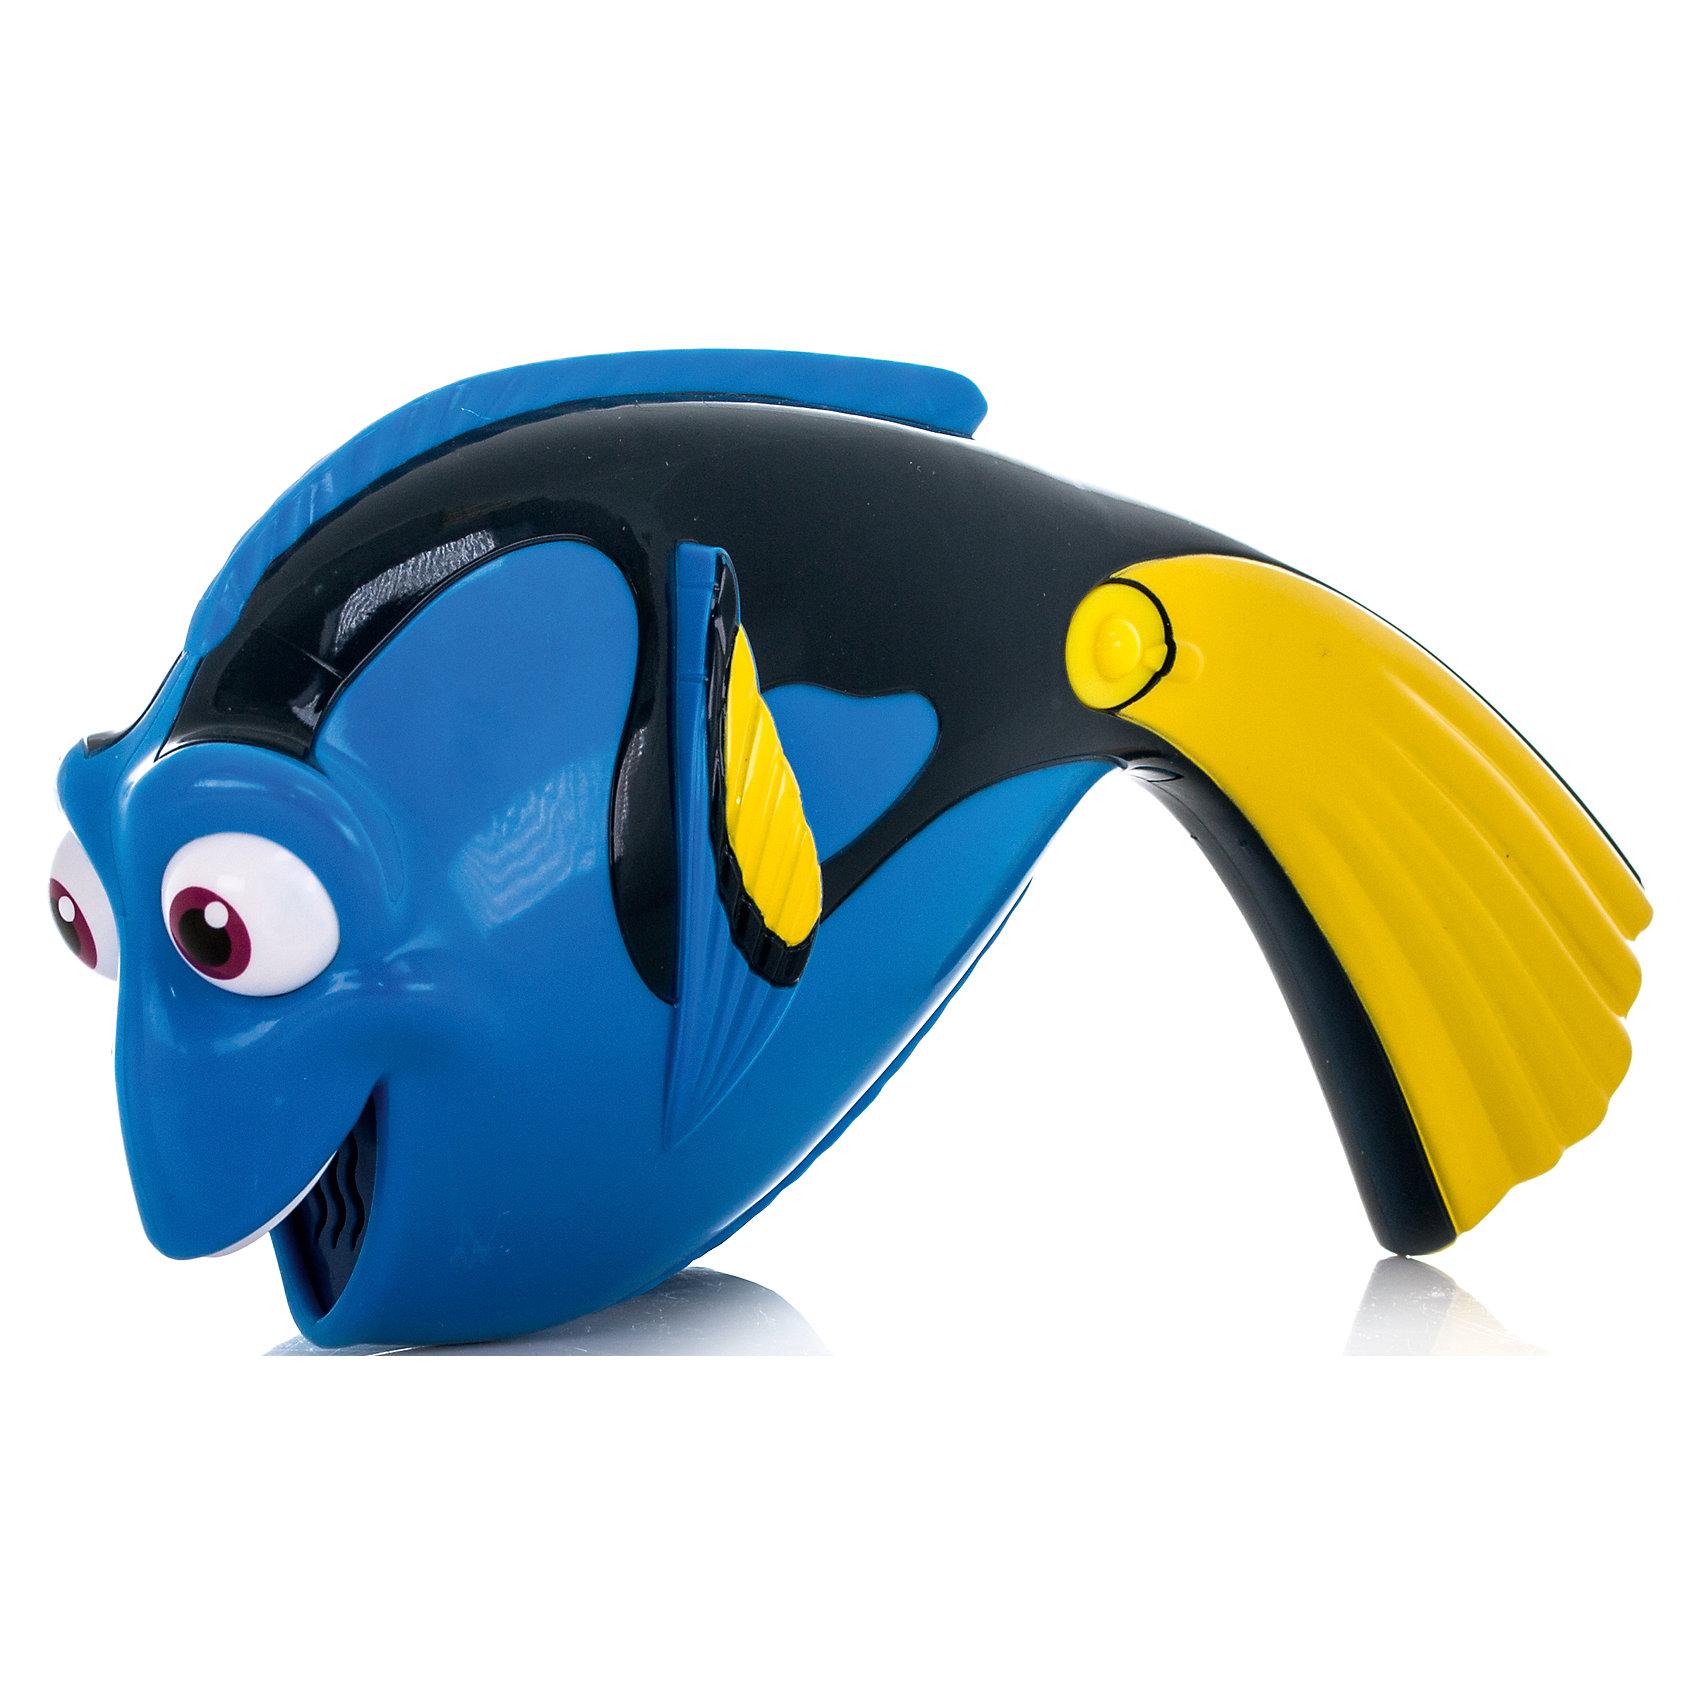 Дорюша-повторюша, со звуком, В поисках ДориКоллекционные и игровые фигурки<br>Игрушка выполнена в виде очаровательной рыбки Дори - главной героини мультфильма В поисках Дори. Принцип работы игрушки довольно прост: нужно произнести фразу, а игрушка повторит запись забавным голосом одного из персонажей мультфильма - белухи Бейли. Устройство срабатывает при нажатии на кнопку, расположенную на ручке. <br><br>Дополнительная информация:<br><br>- Материал: пластик.<br>- Размер игрушки: 25 см.<br>- Элемент питания: 2  ААА батарейки (входят в комплект).<br><br>Игрушку Дорюша-повторюша, со звуком, В поисках Дори, можно купить в нашем магазине.<br><br>Ширина мм: 204<br>Глубина мм: 208<br>Высота мм: 91<br>Вес г: 225<br>Возраст от месяцев: 36<br>Возраст до месяцев: 60<br>Пол: Унисекс<br>Возраст: Детский<br>SKU: 4720305